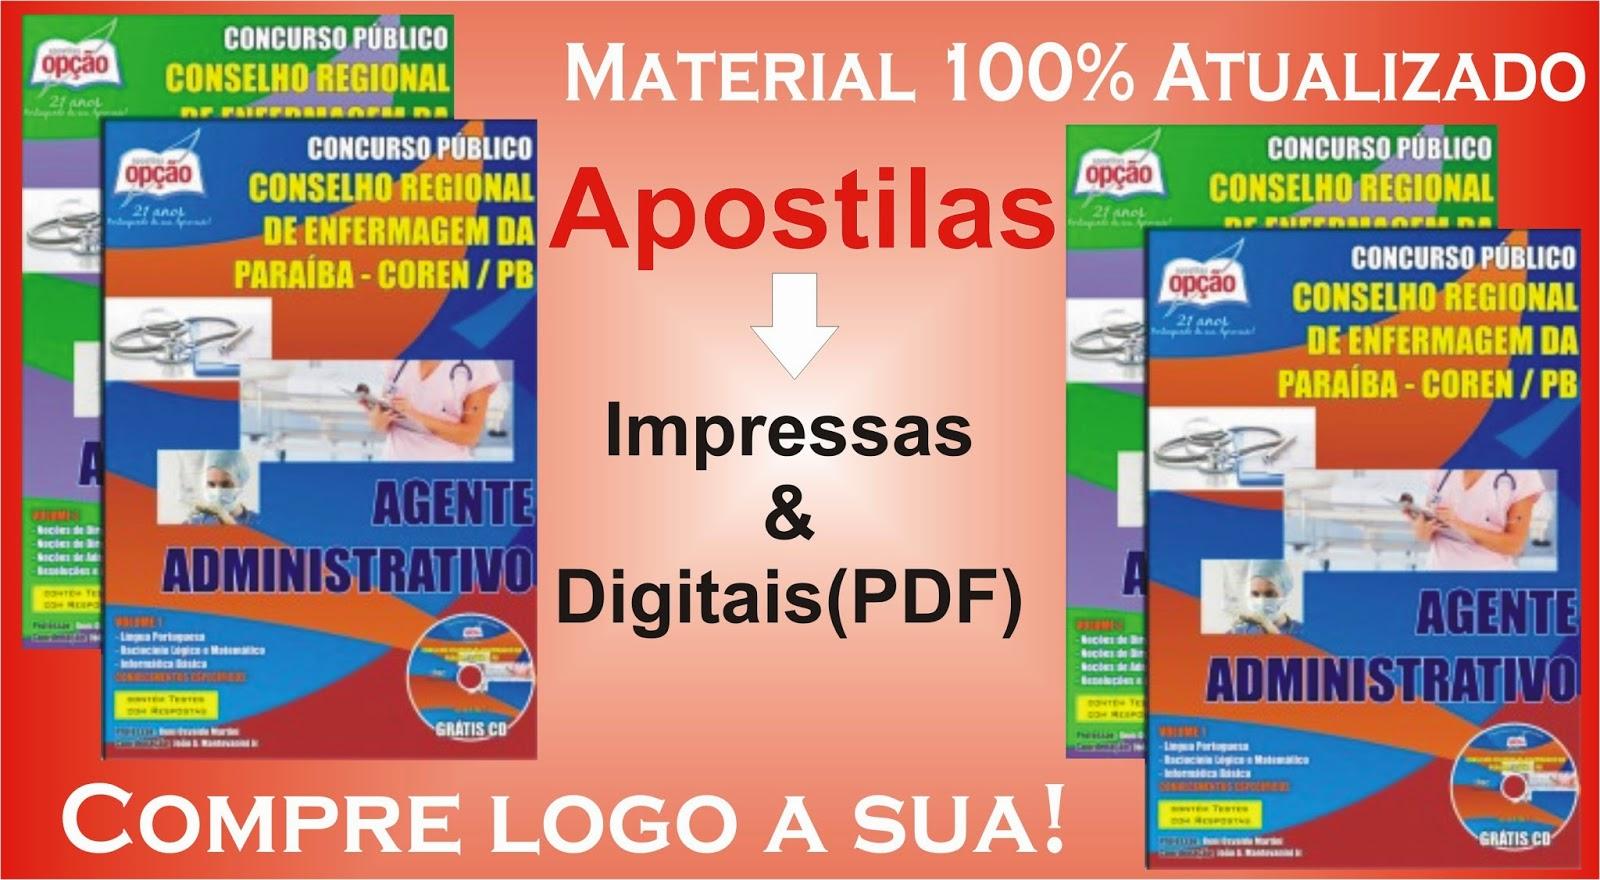 http://www.apostilasopcao.com.br/apostilas/1322/2302/conselho-regional-de-enfermagem-da-paraiba-coren-pb/agente-administrativo.php?afiliado=2561